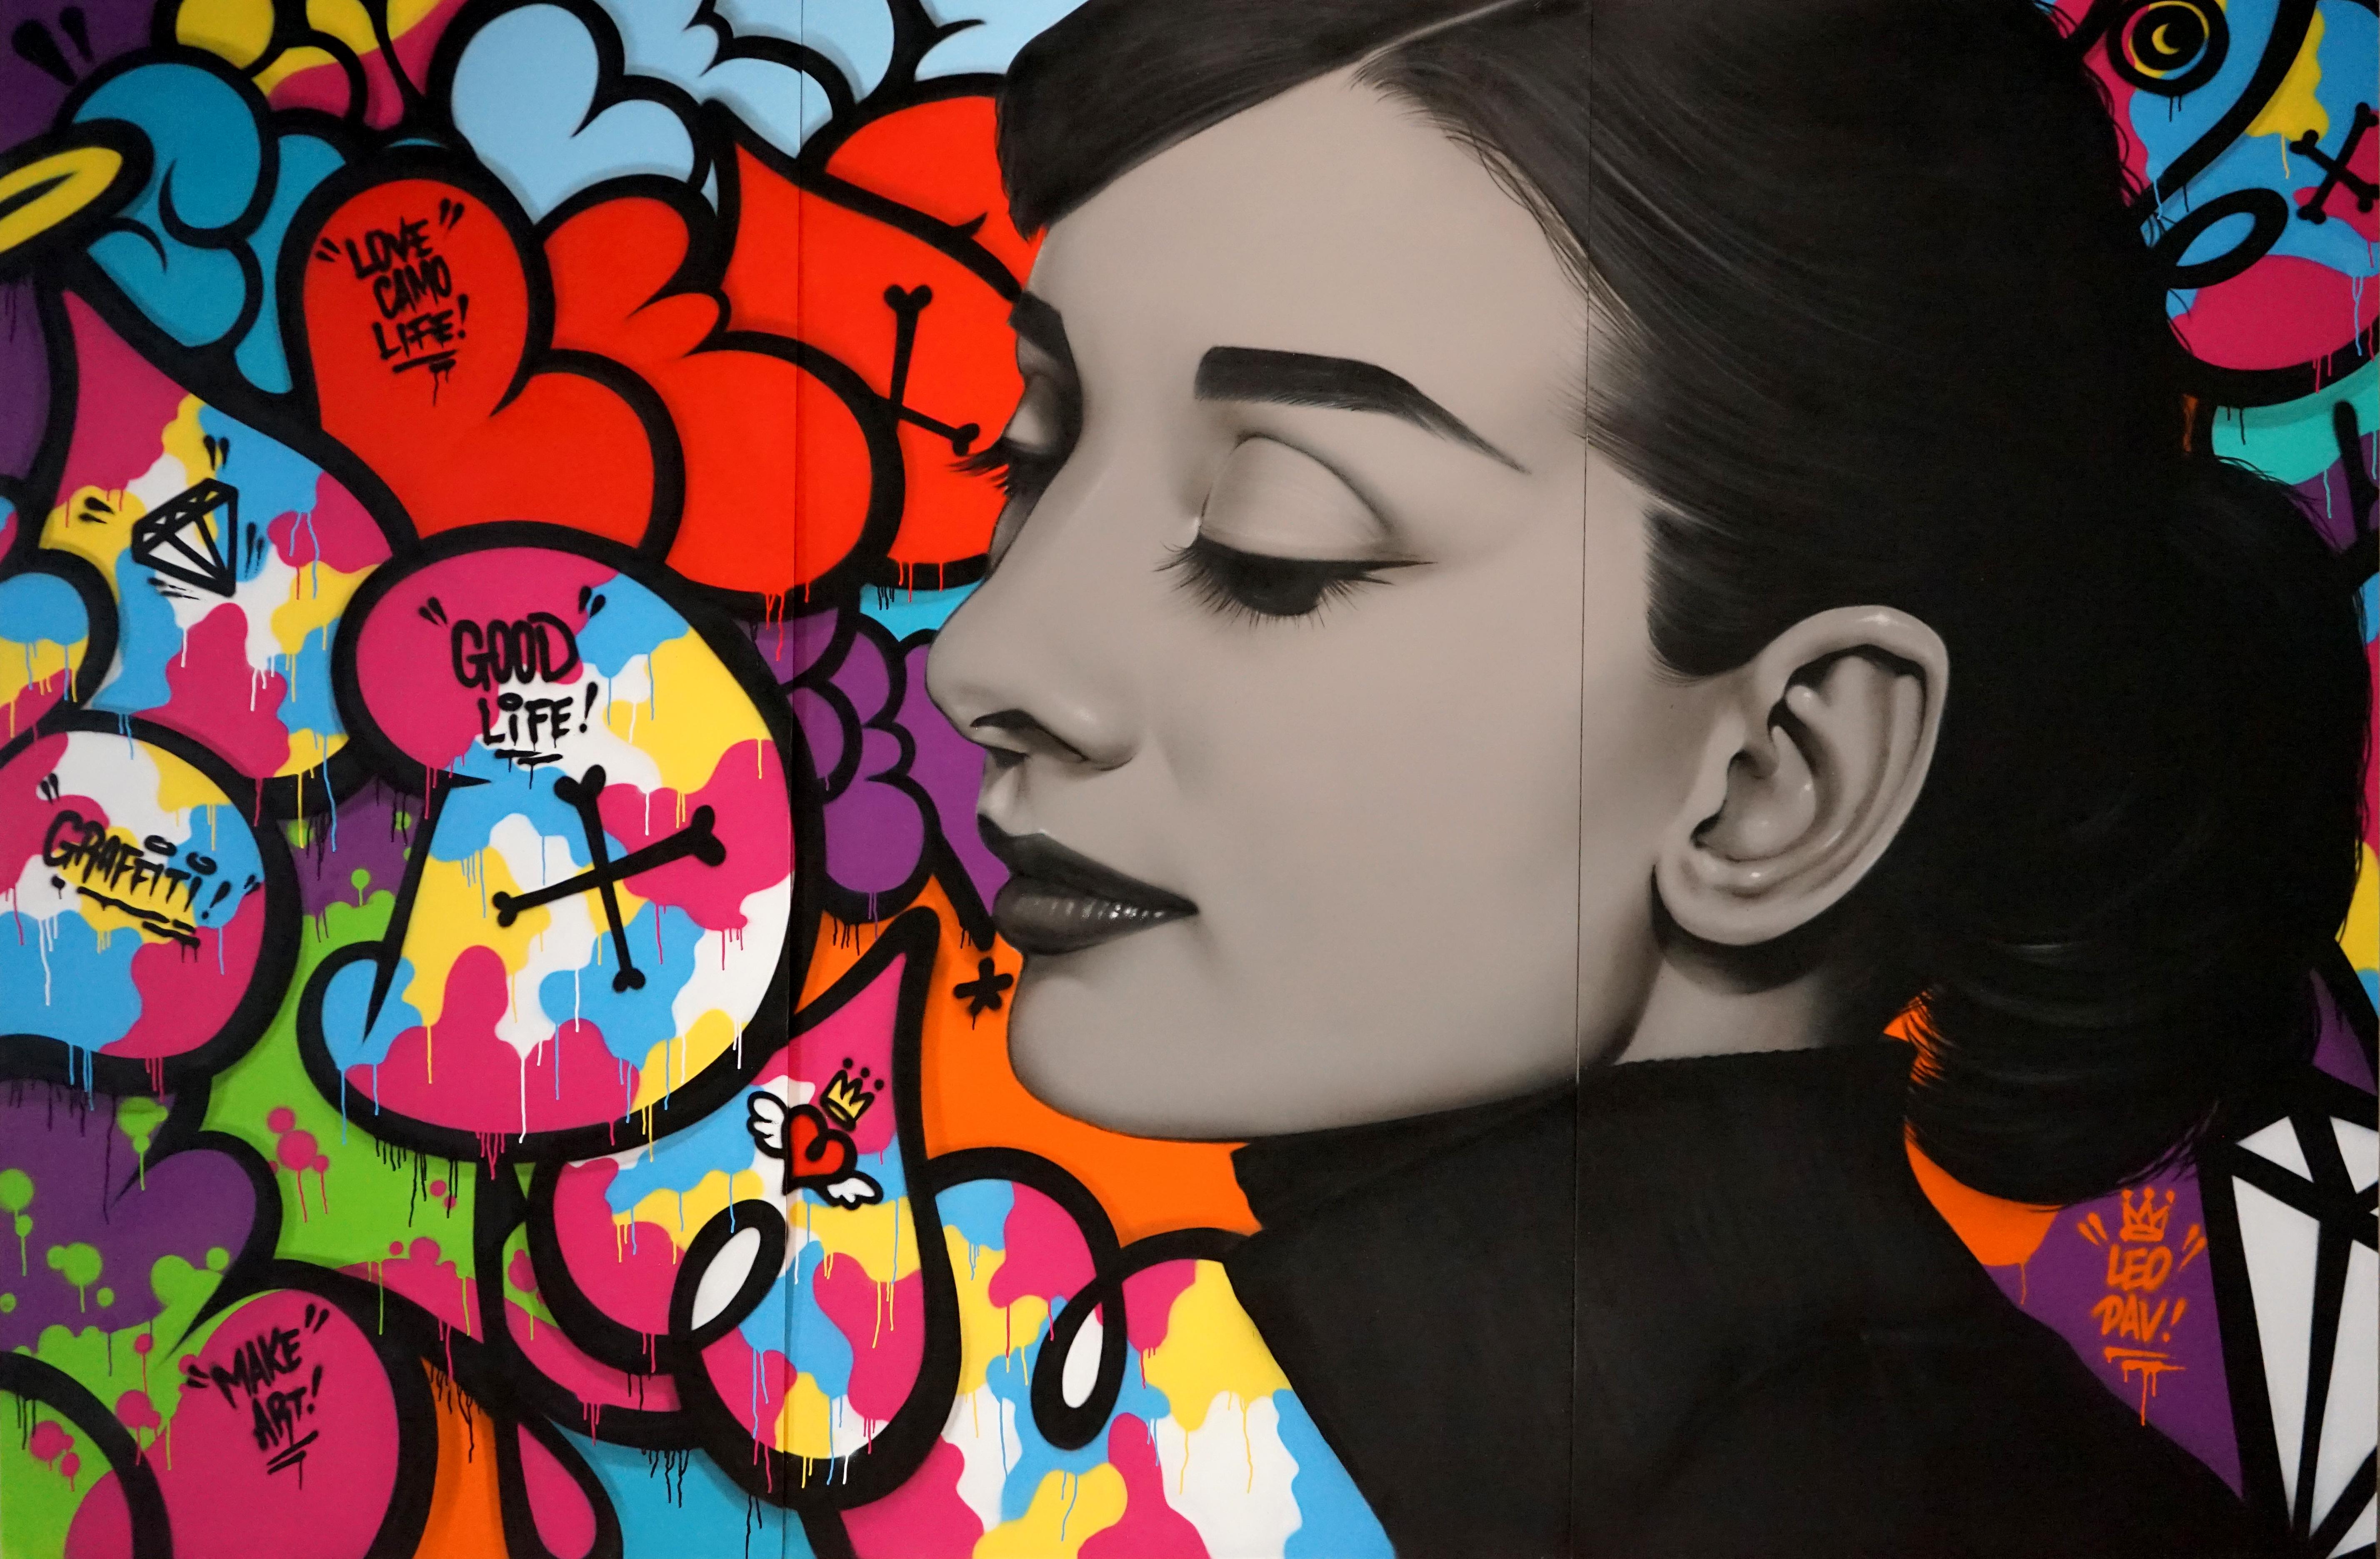 LOVE CAMO LIFE-Audrey Kathleen Hepburn